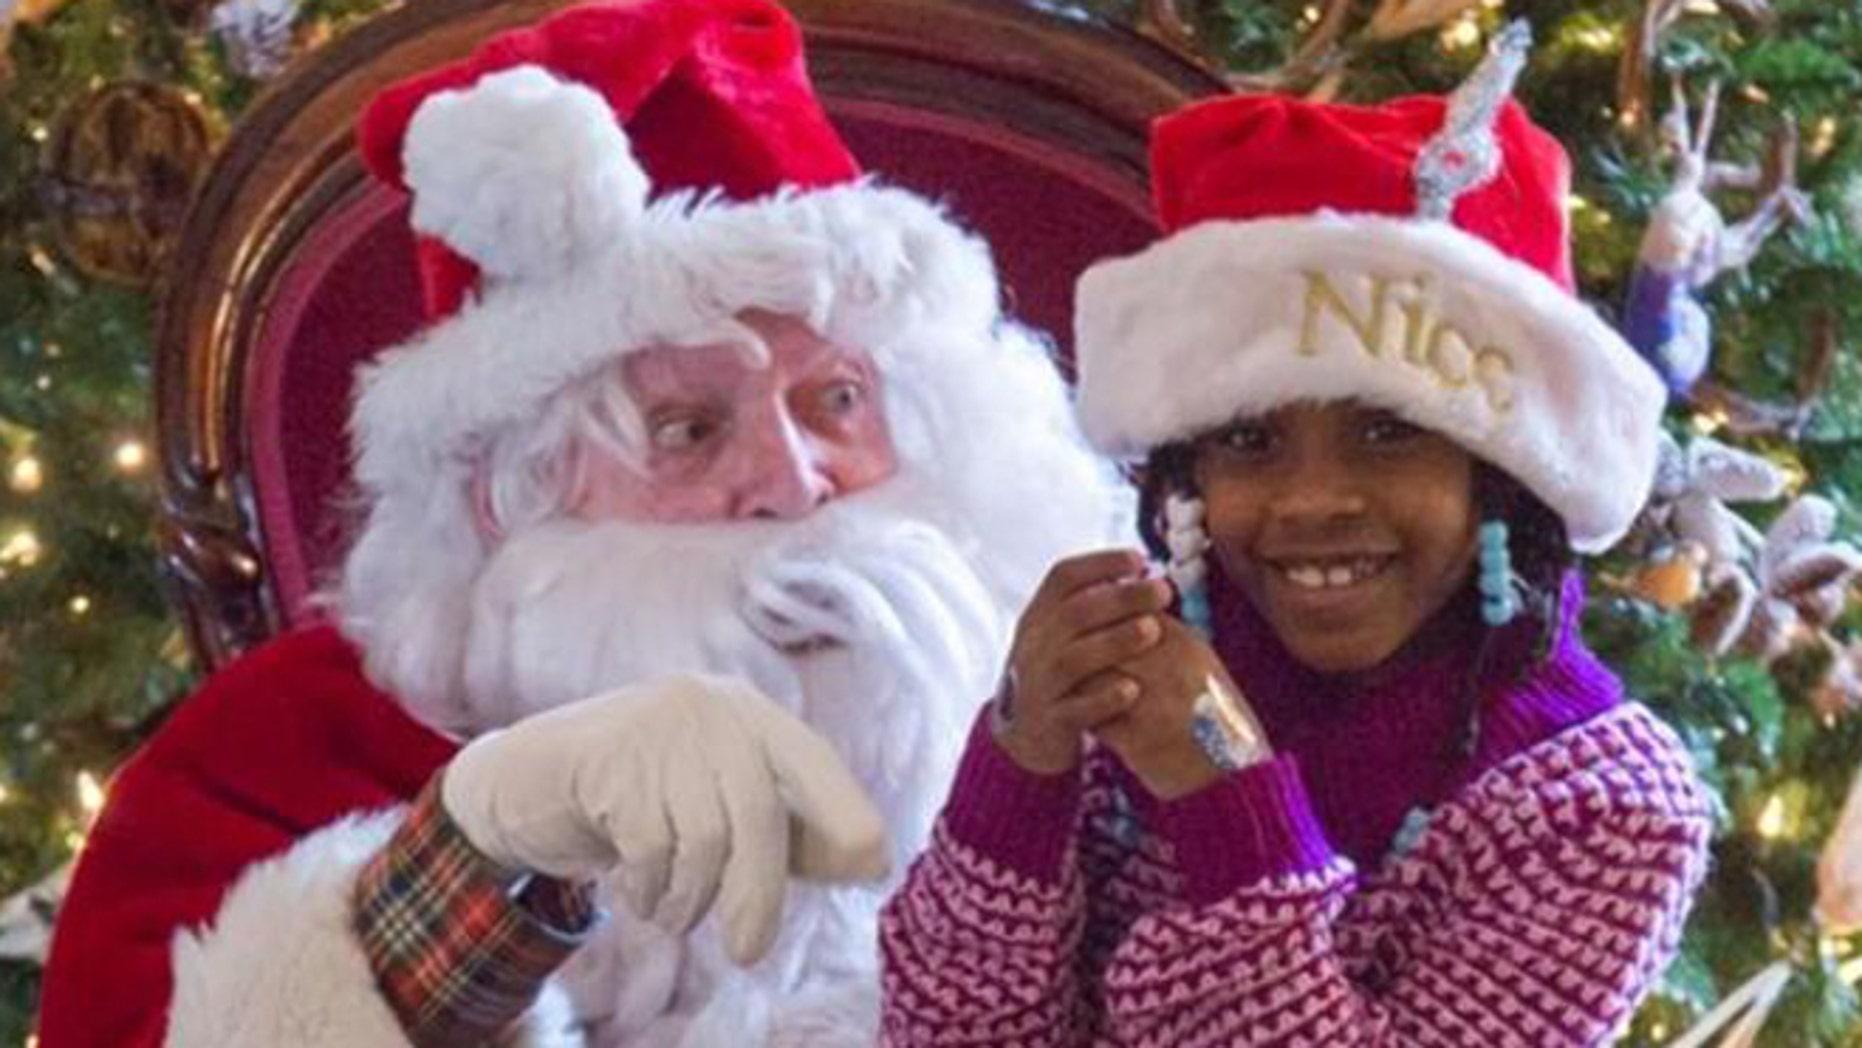 Cassie, 6, got her wish to meet Santa Claus.